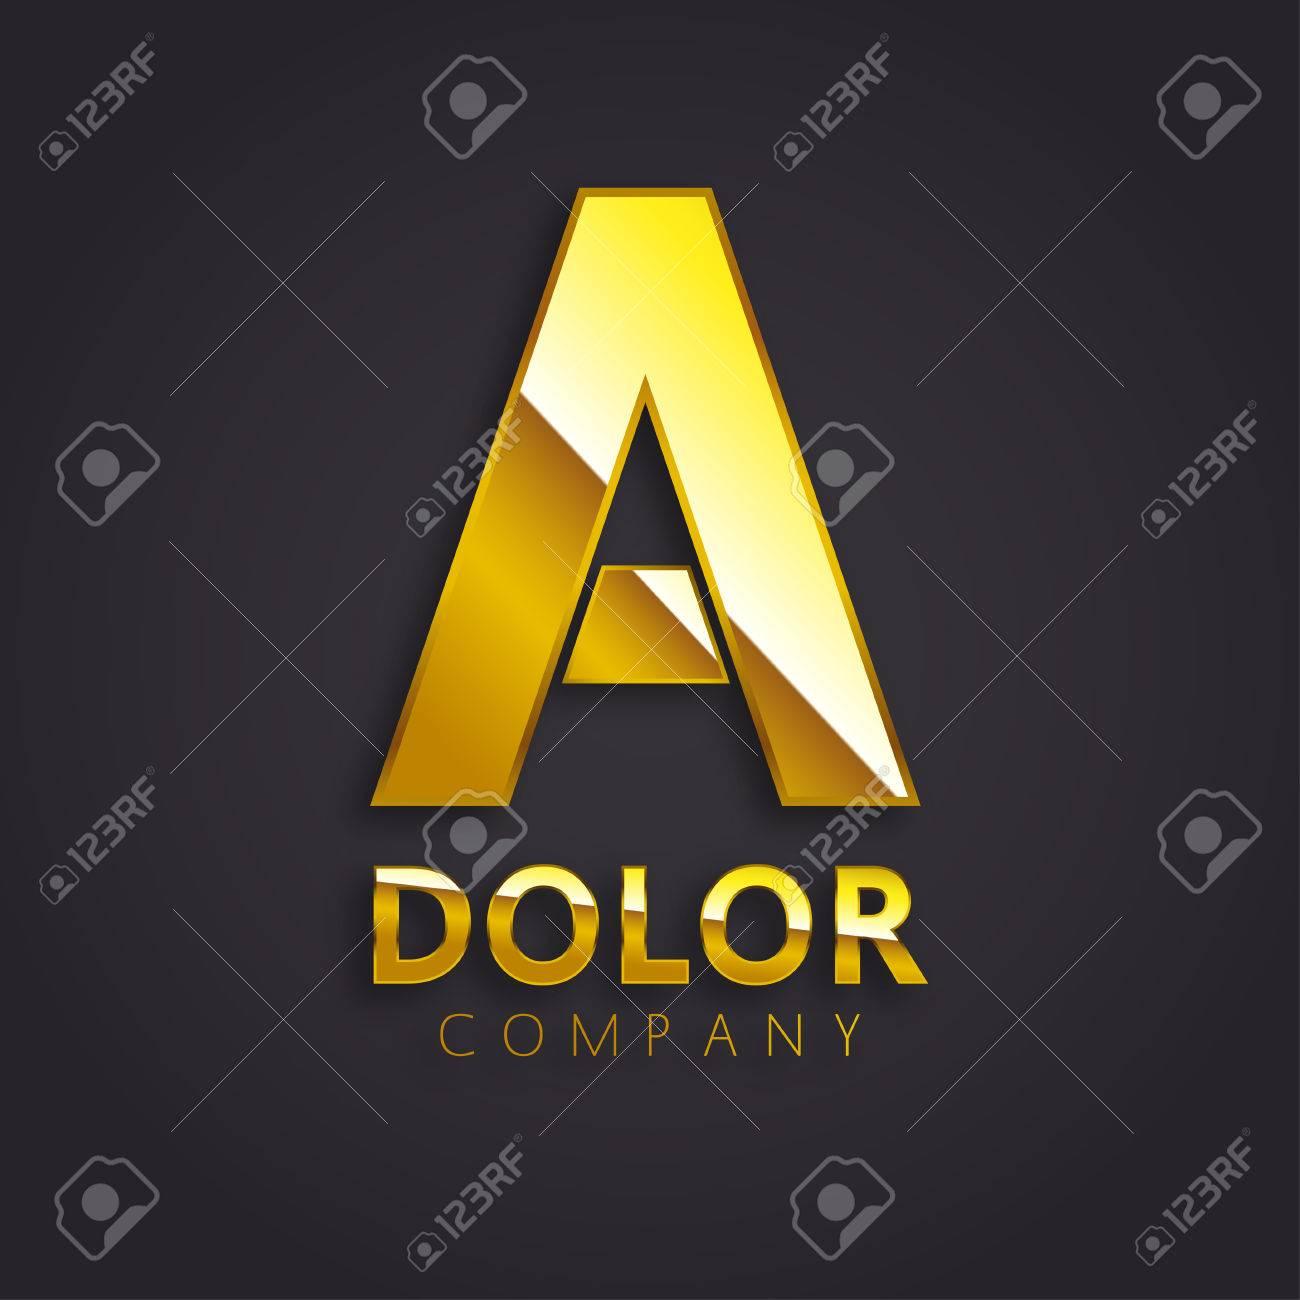 Shiny Gold A Symbol Vector - 51768624